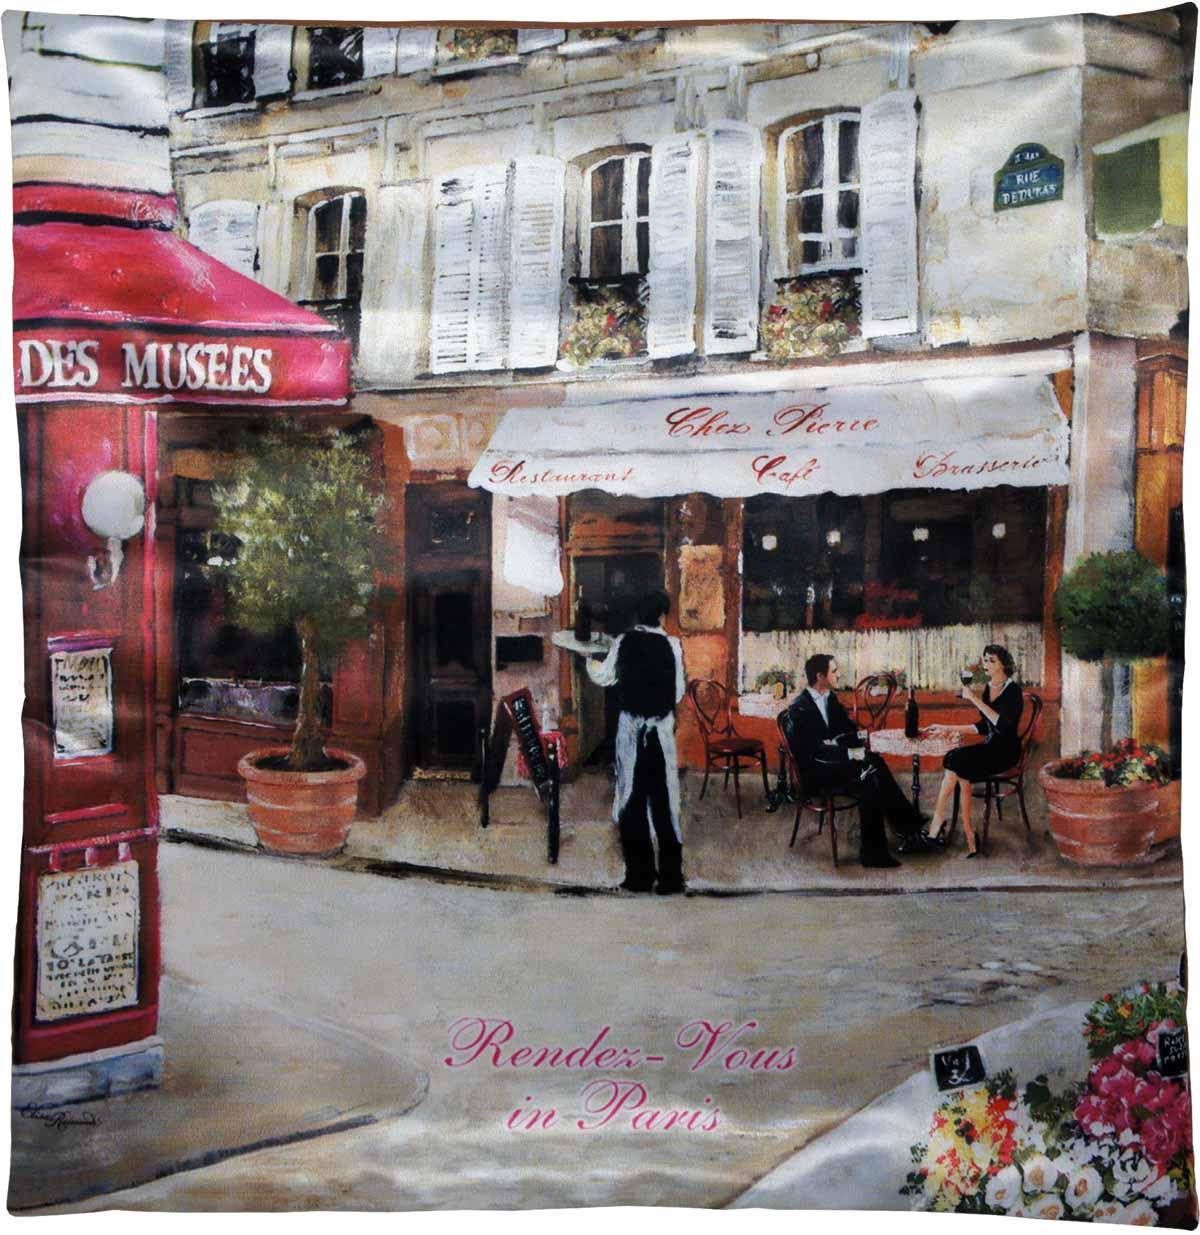 Наволочка для декоративной подушки GiftnHome Свидание в Париже, цвет: красный, бежевый, зеленый, 40 х 40 смНВЛ-40 СвиданиеИзделие изготовлено из искусственного шелка - атласа! Наволочка на молнии